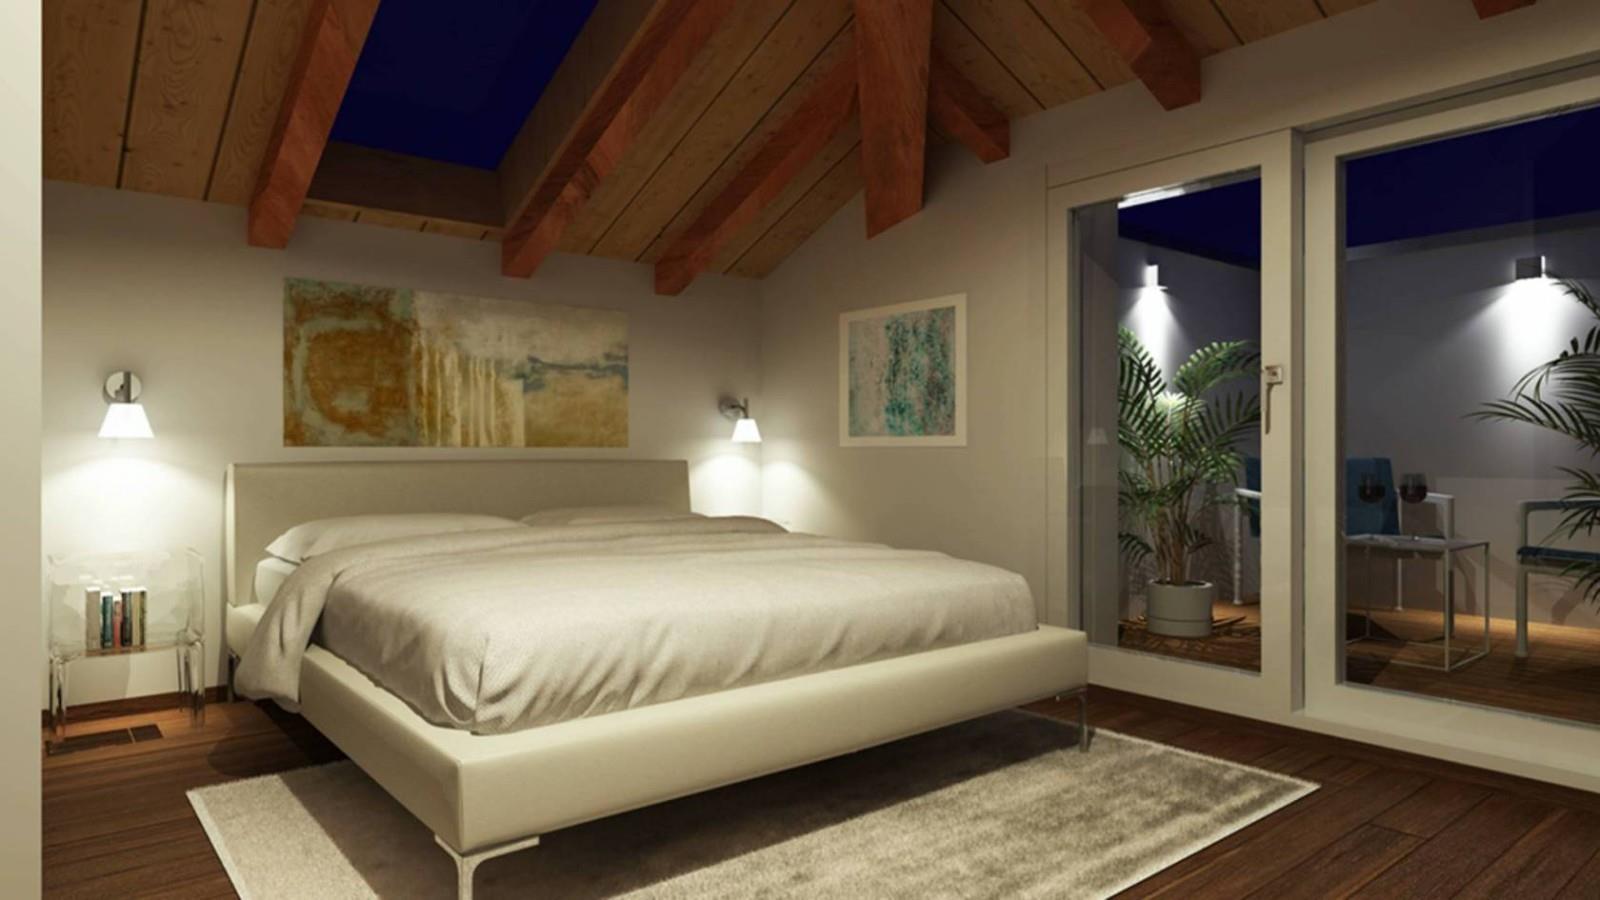 Foto 12 - Appartamento in Vendita - Monza, Zona Regina Pacis